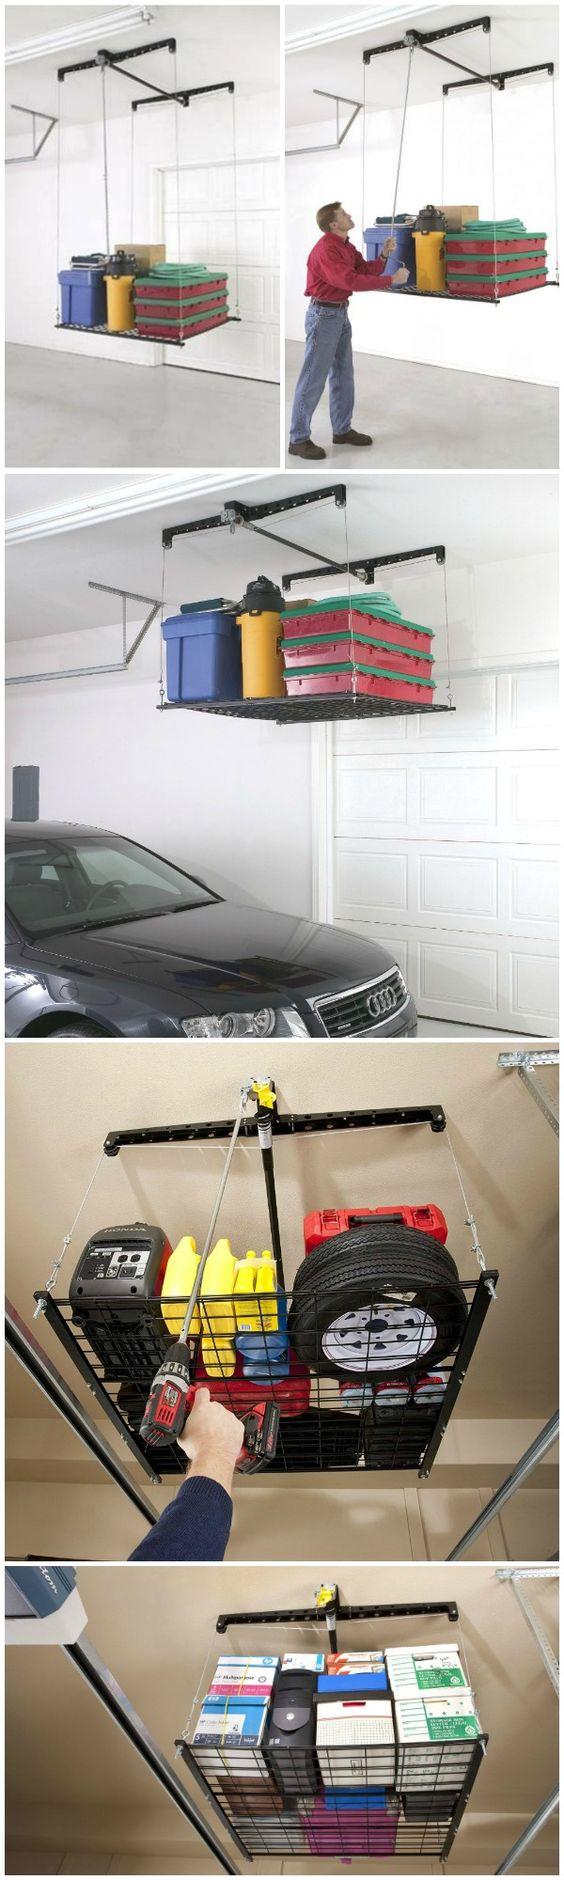 in floor scissor lift install the garage journal board garage